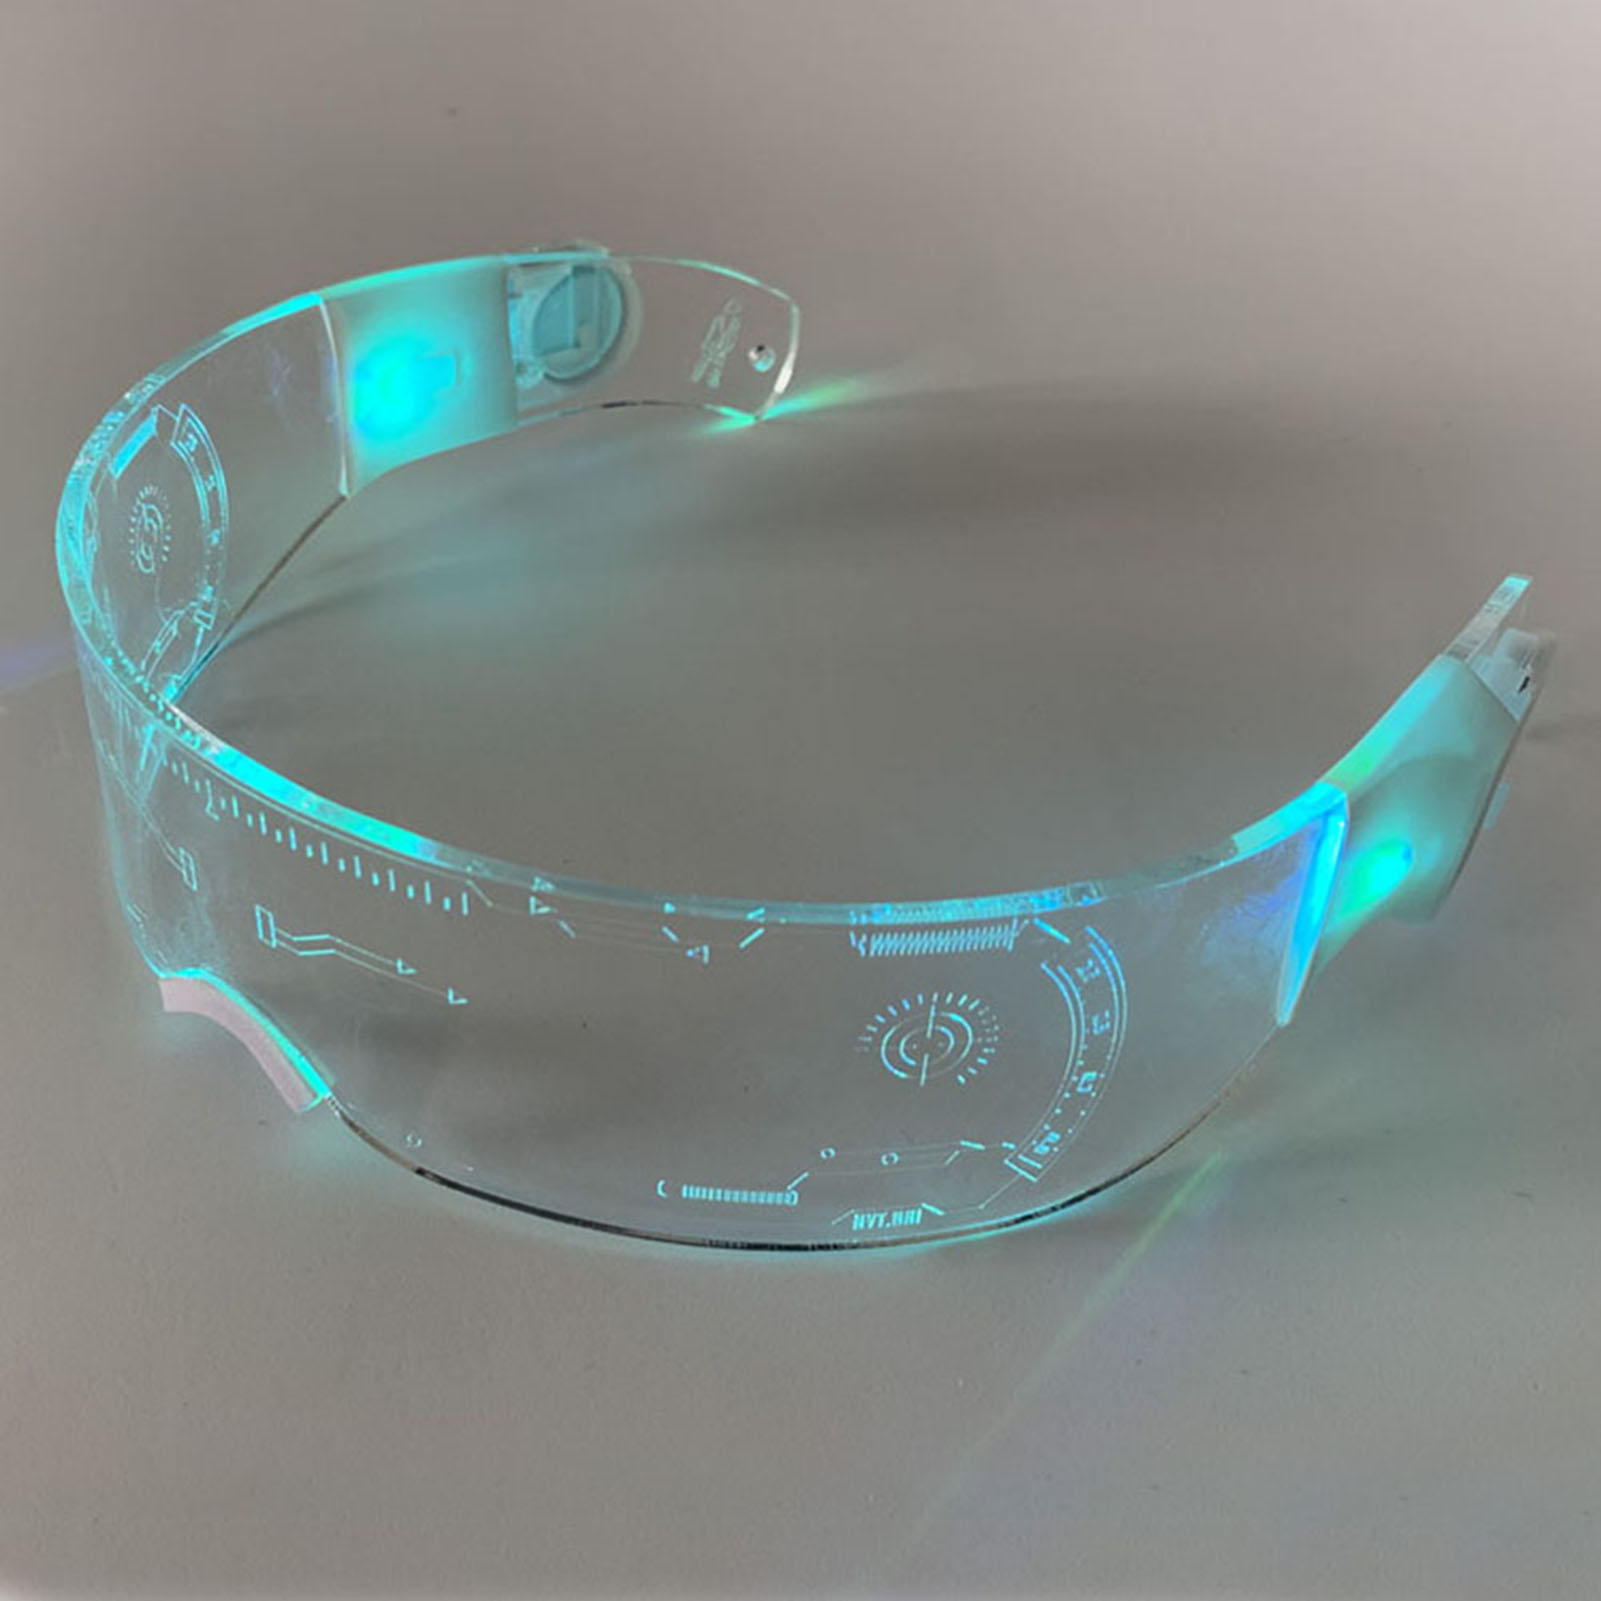 LED Luminous Glasses Futuristic Electronic Visor Glasses Light Up Glasses Prop